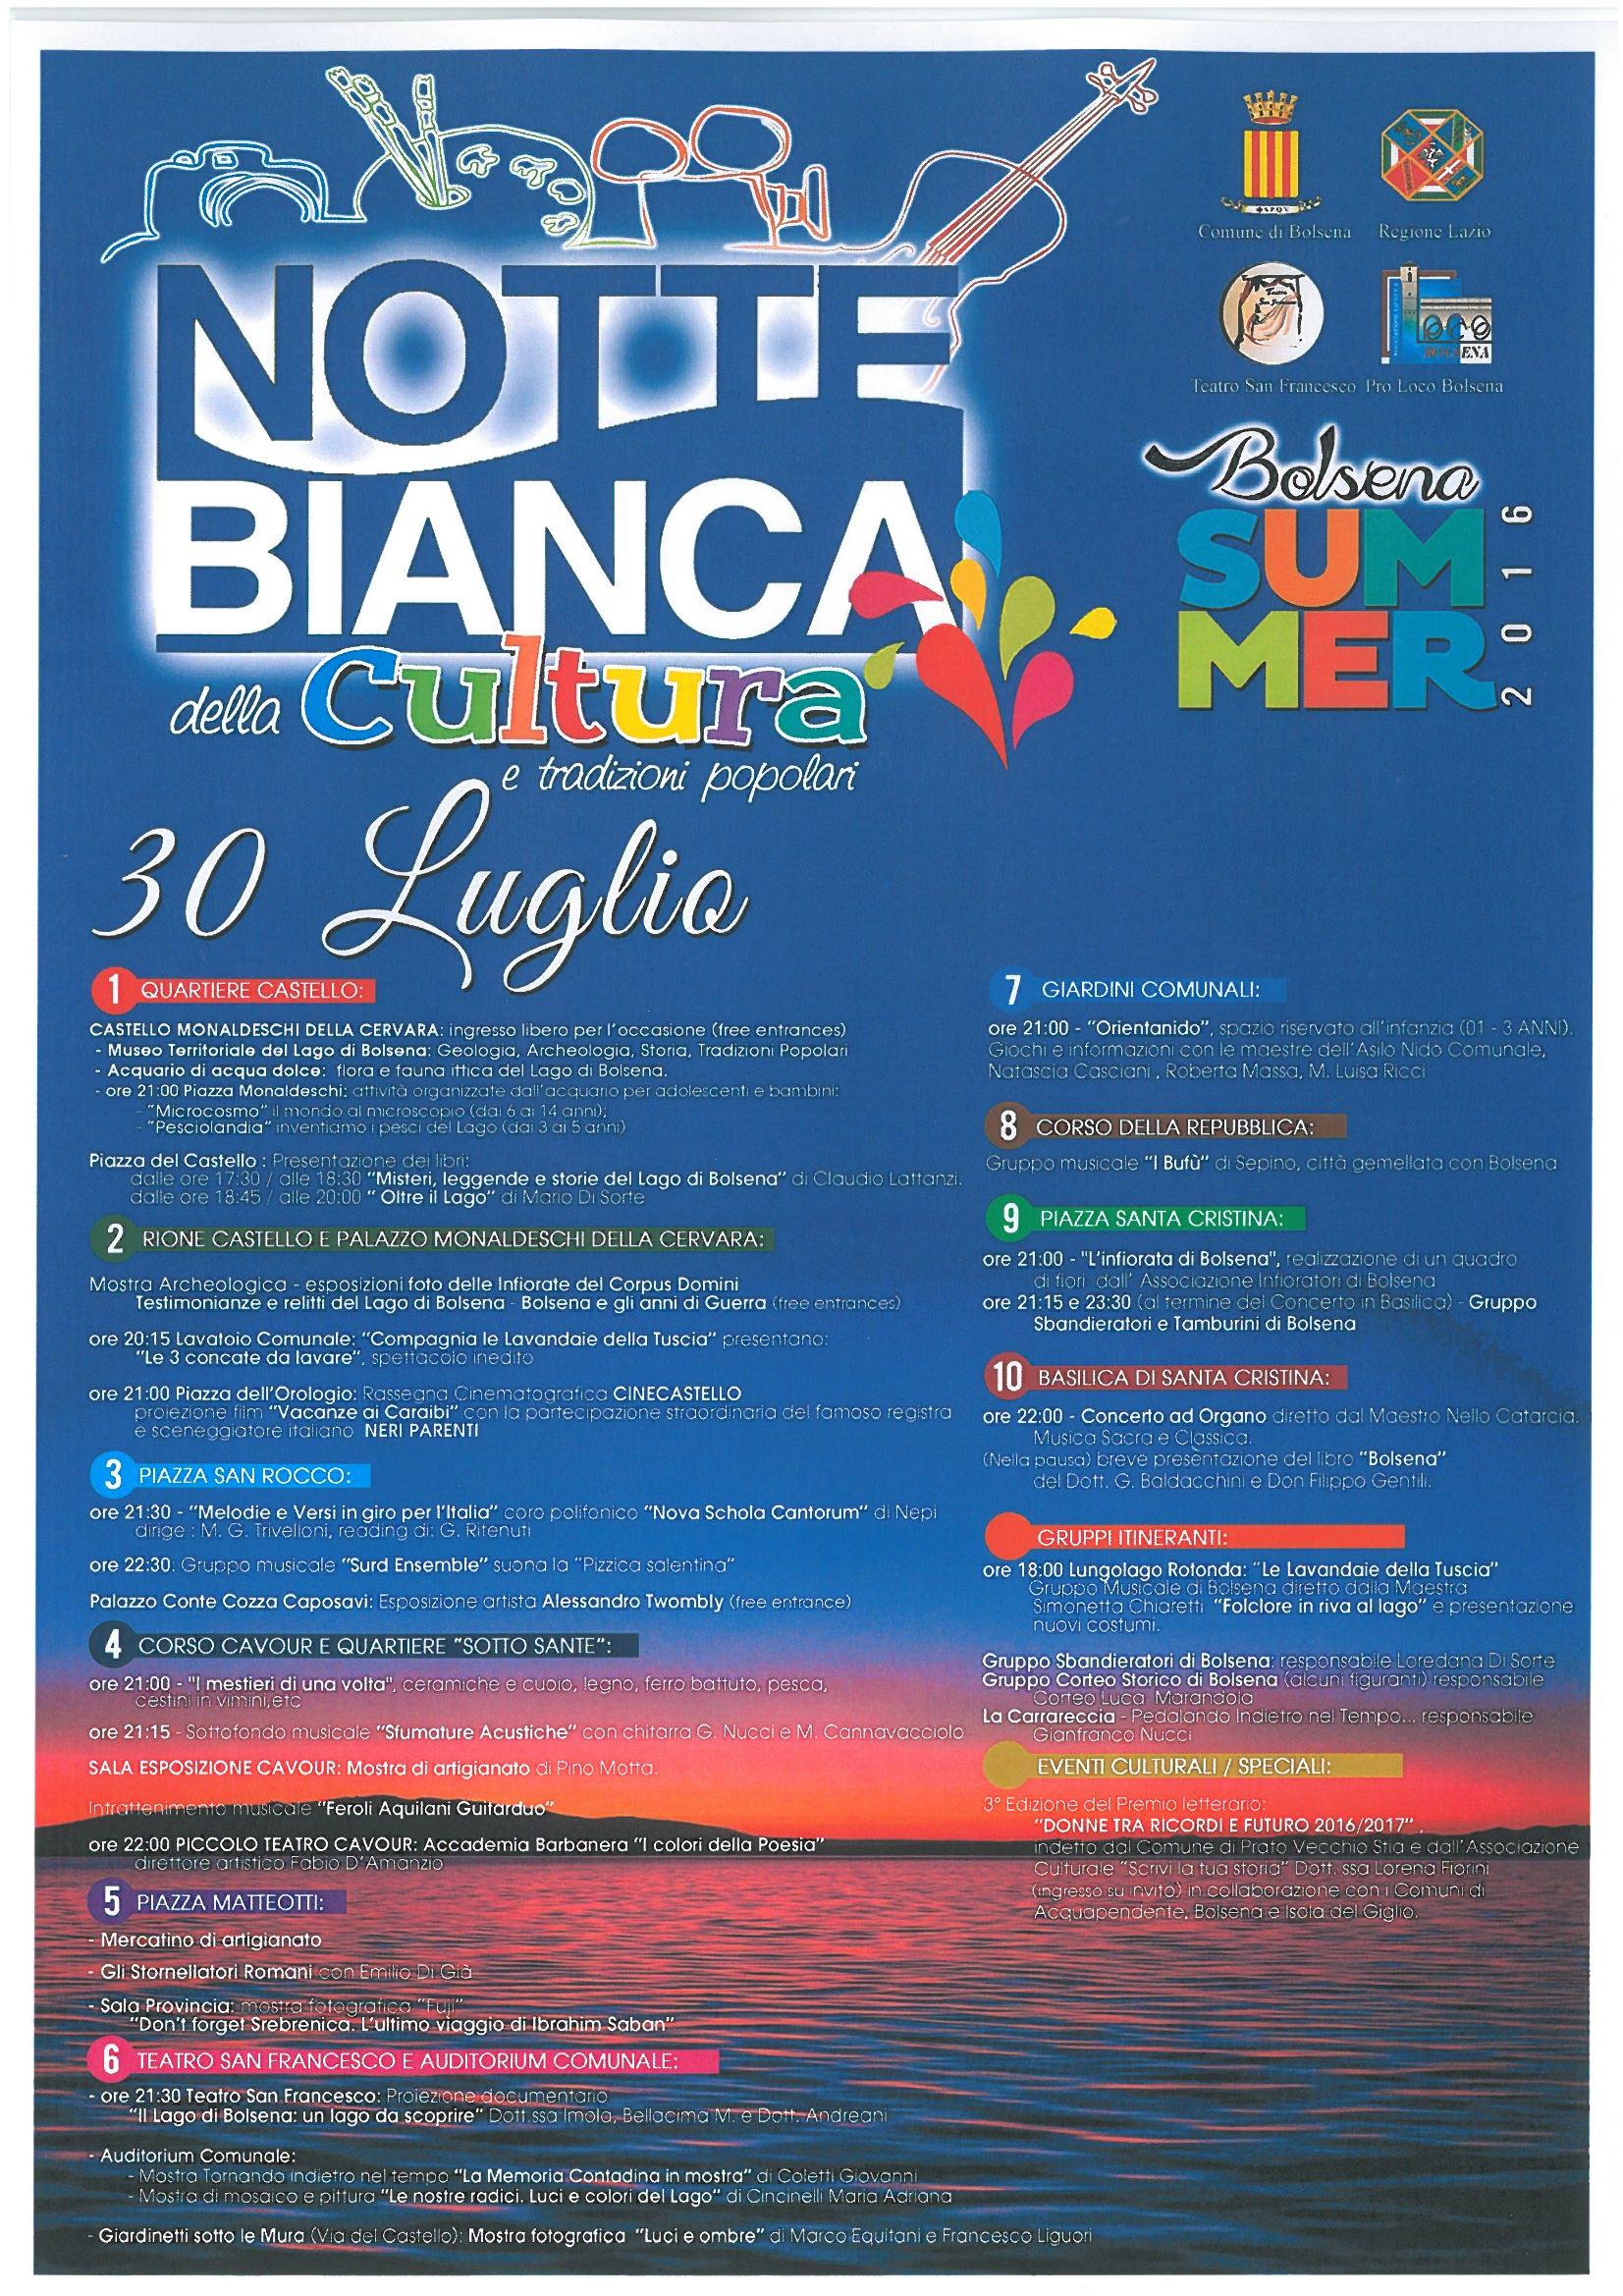 notte bianca della cultura | visit bolsena - turismo eventi ... - Soggiorno Lago Di Bolsena